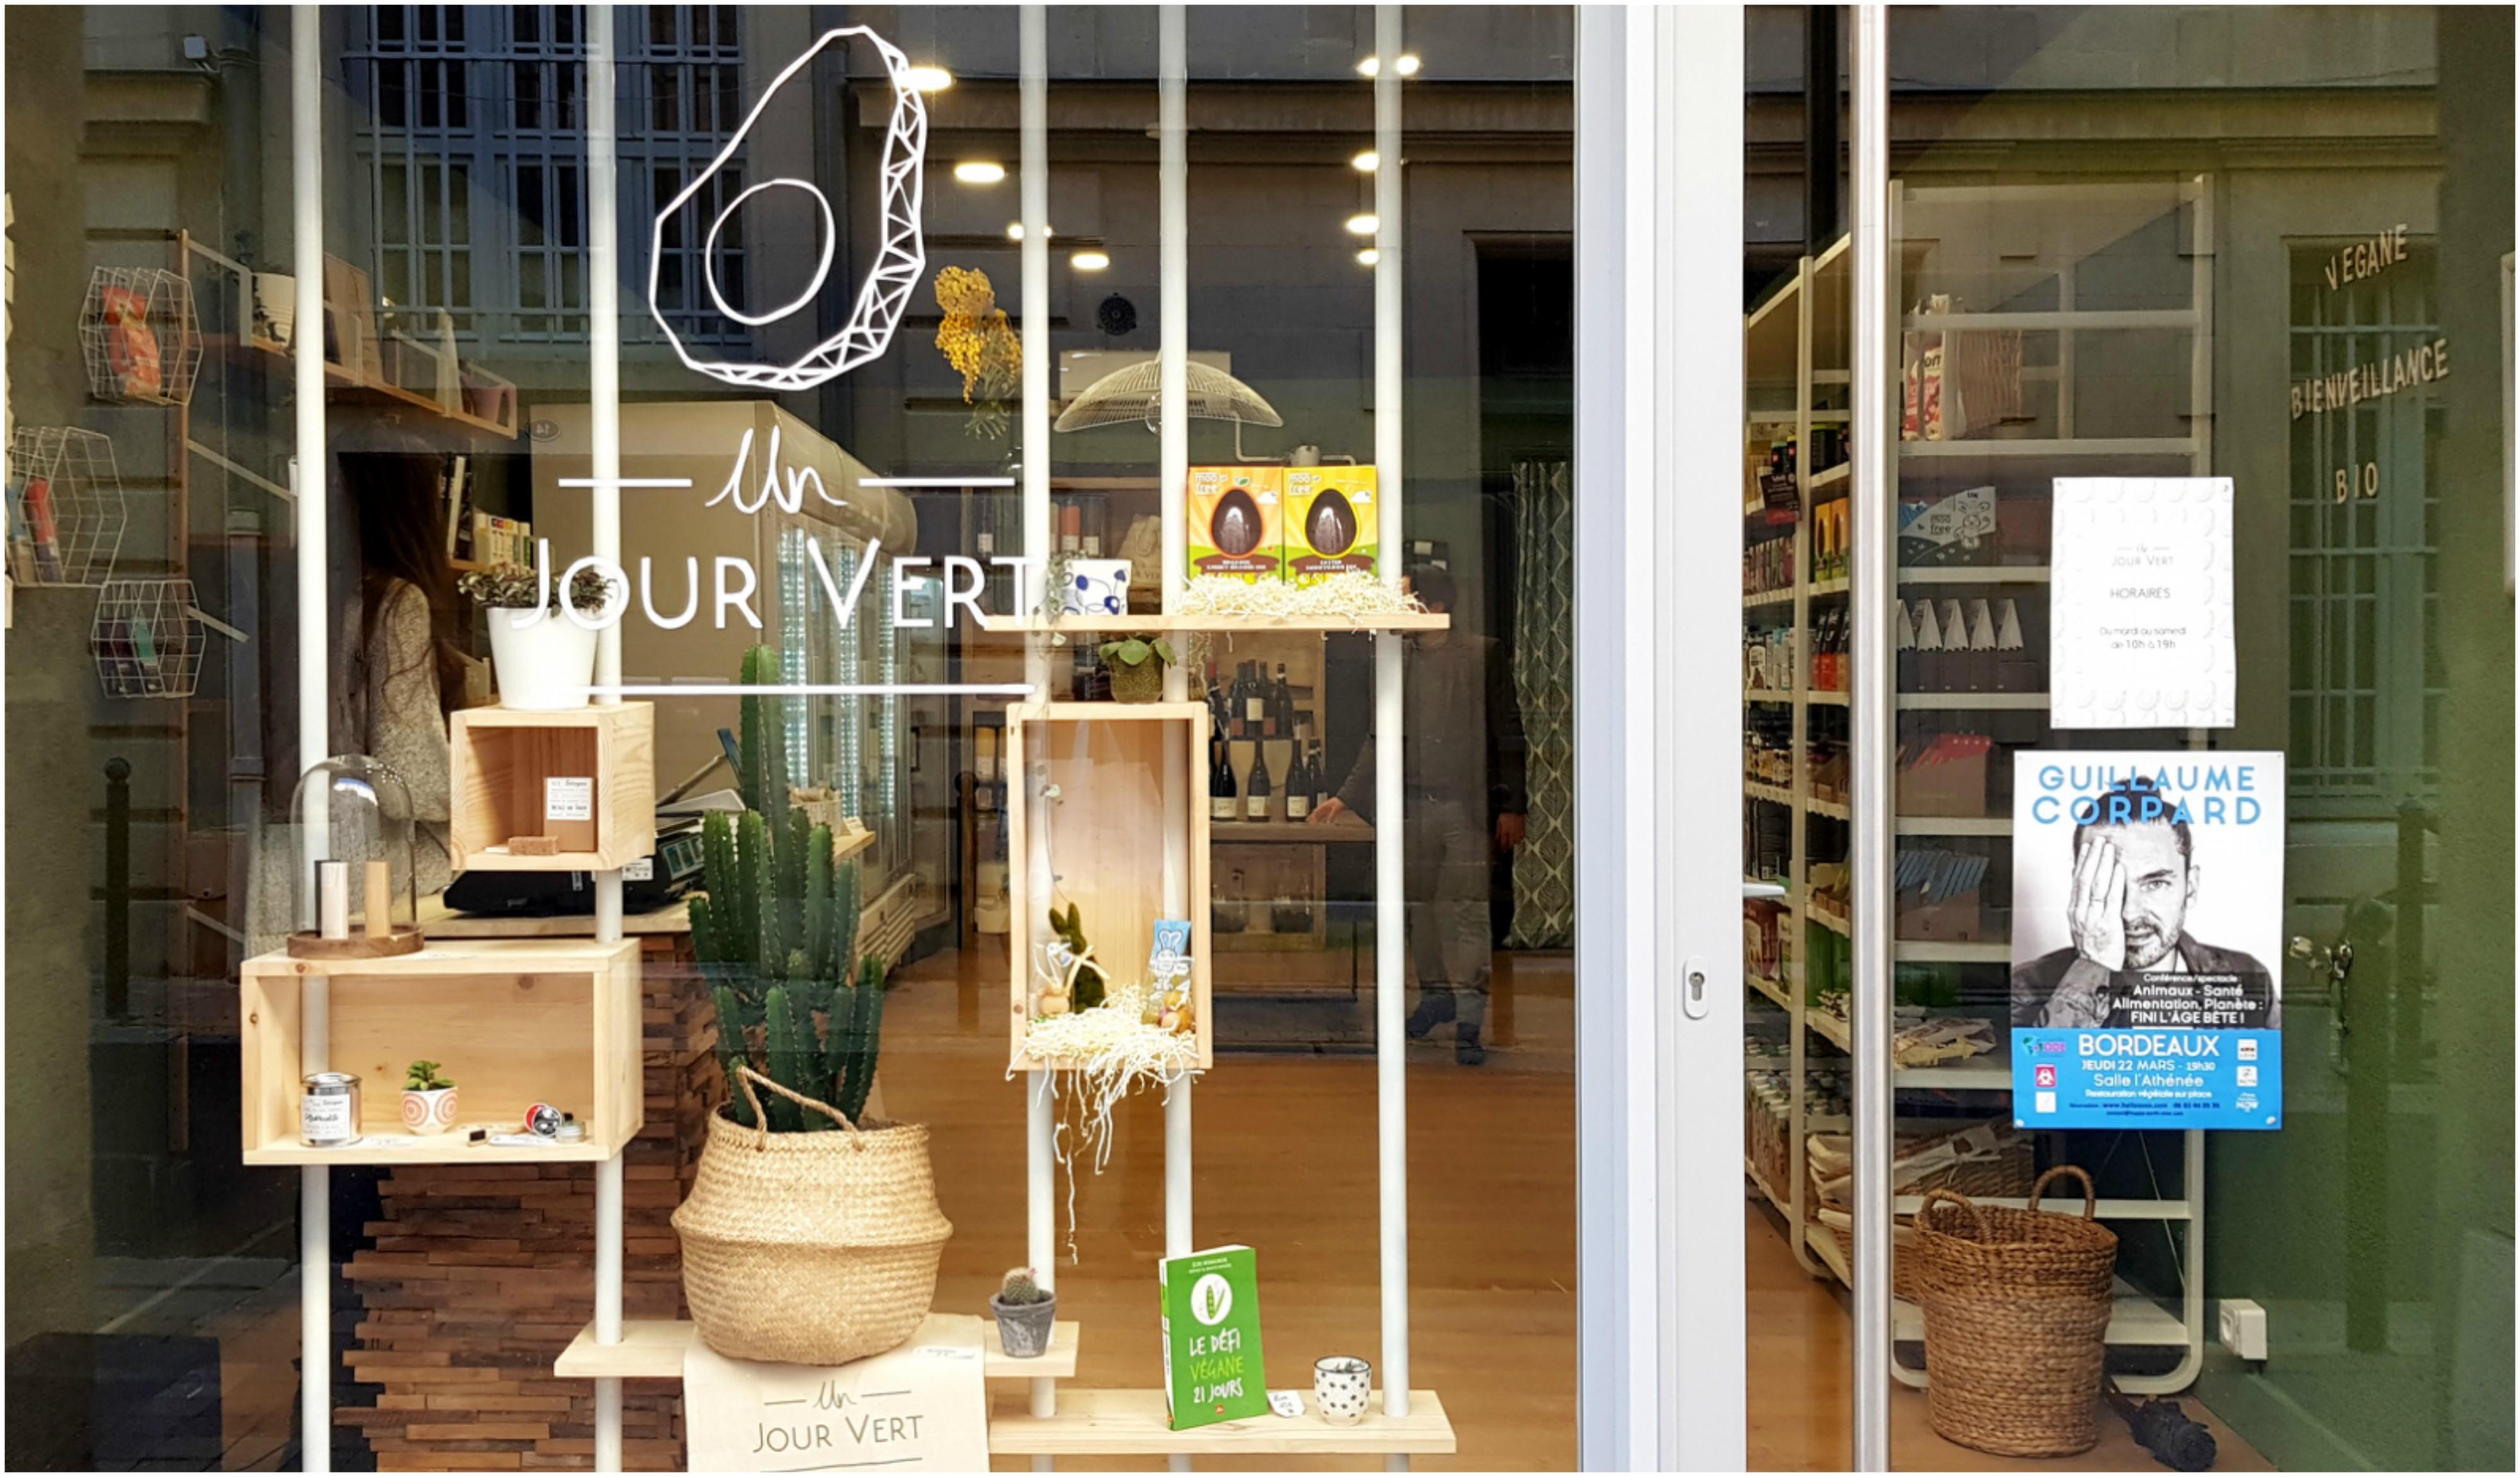 magasin-vegan-bordeaux-un-jour-vert-épicerie-vrac-bio